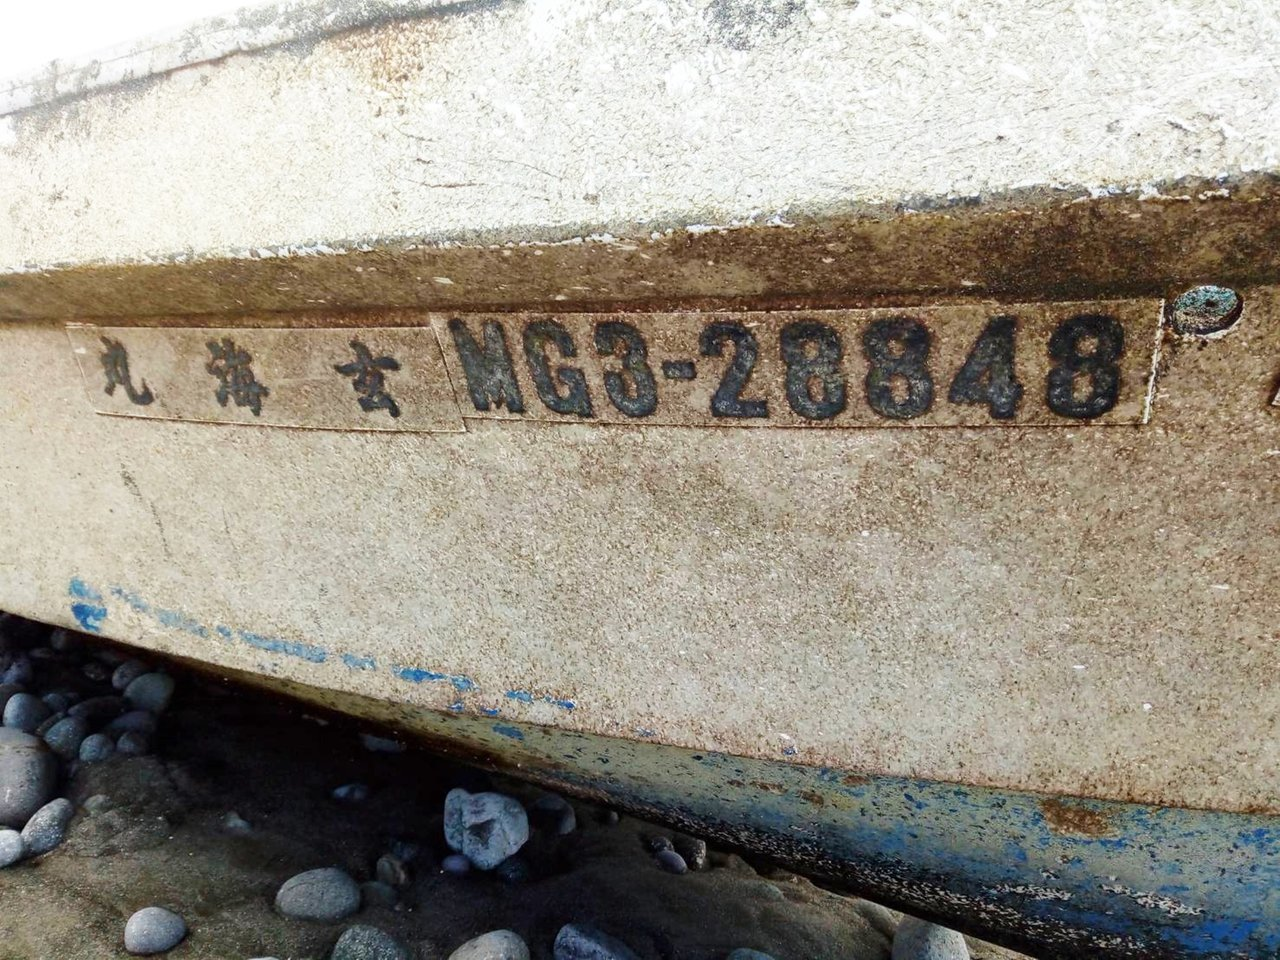 台東縣長濱鄉宜灣海域今天上午出現一艘海漂日籍漁船。記者羅紹平/翻攝